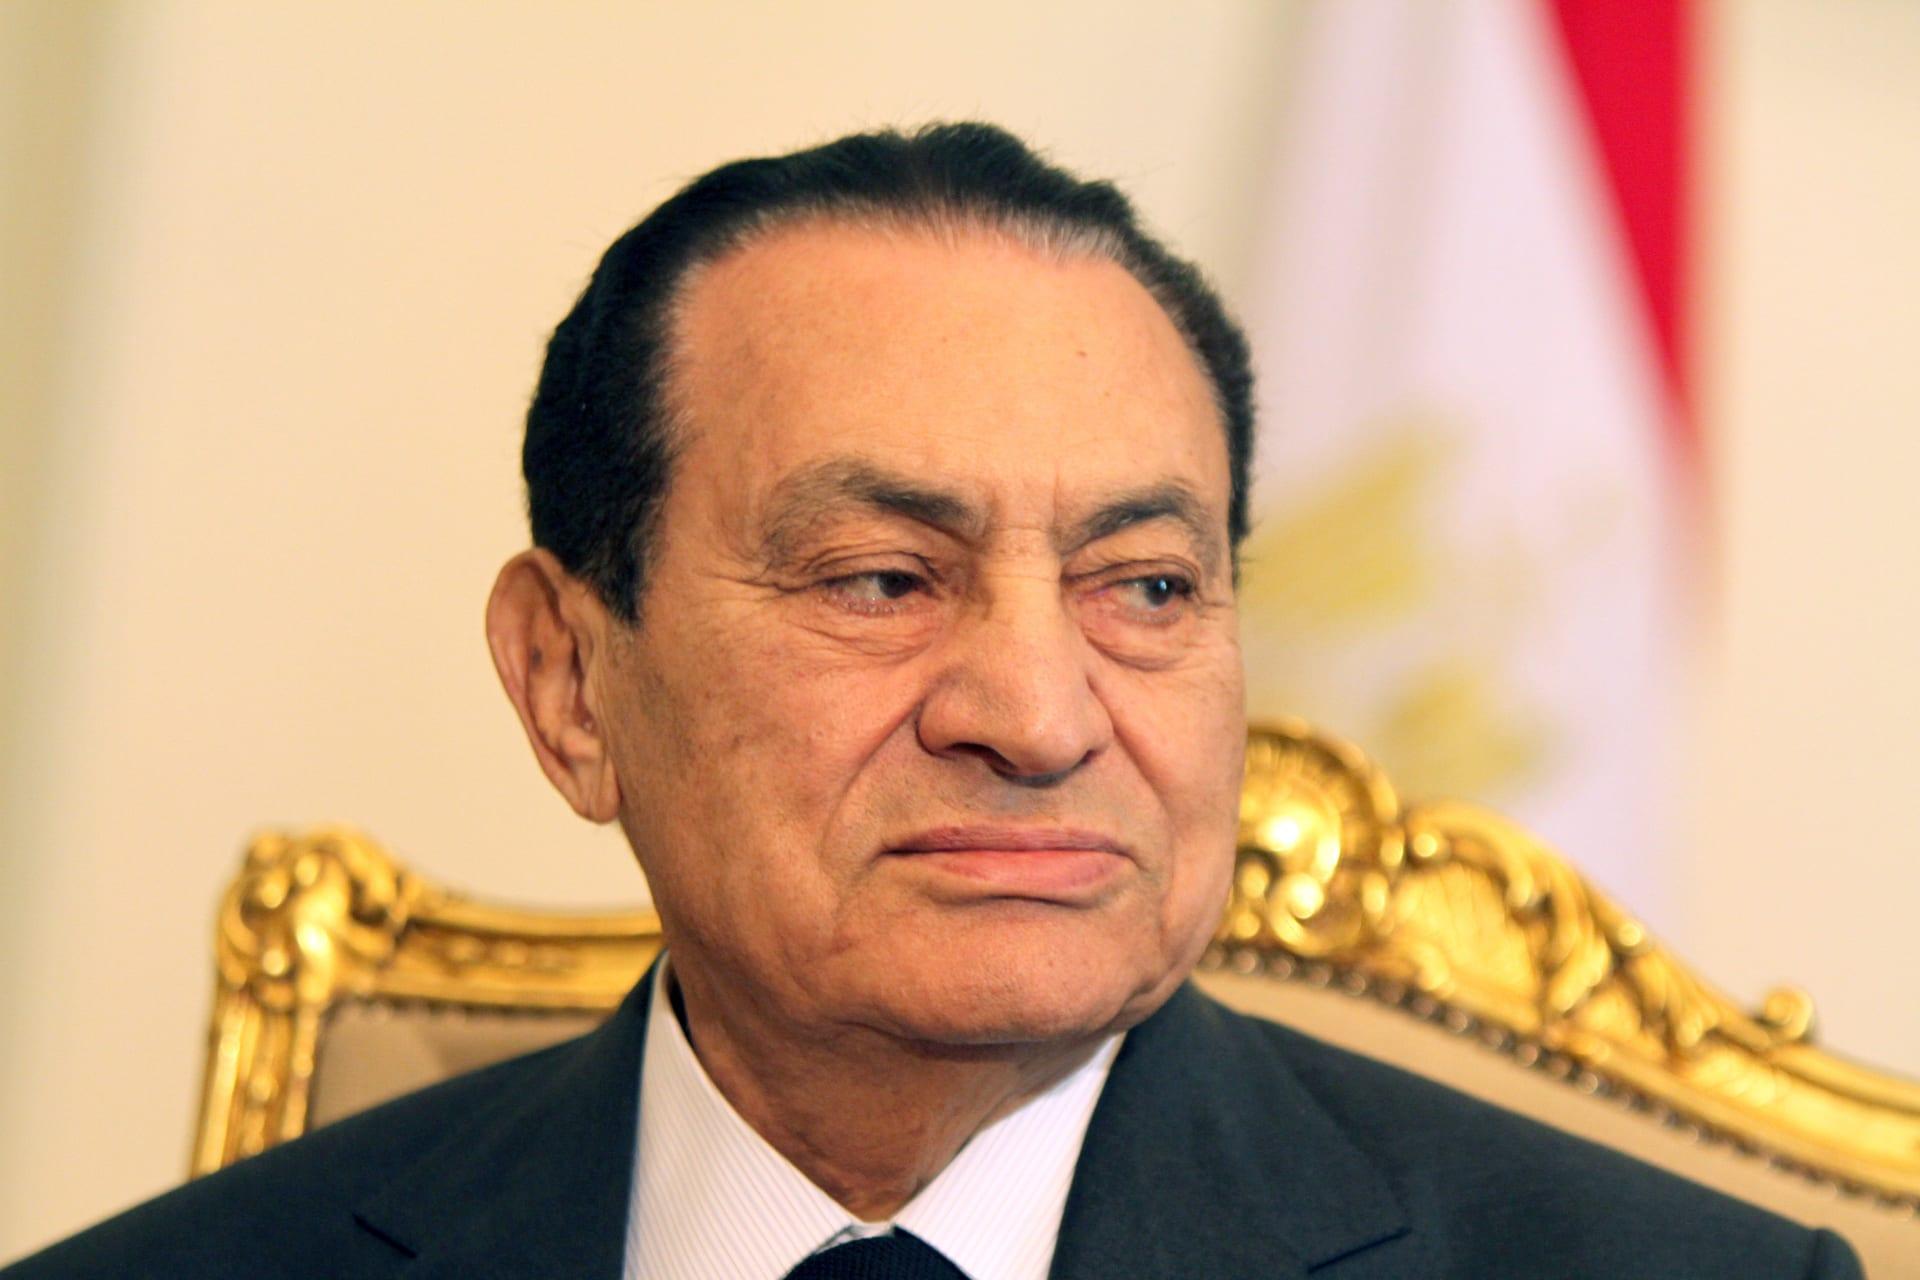 صورة جديدة لمبارك في ذكرى 6 أكتوبر.. ضجة حول جمال.. وساويرس: يظل بطلا